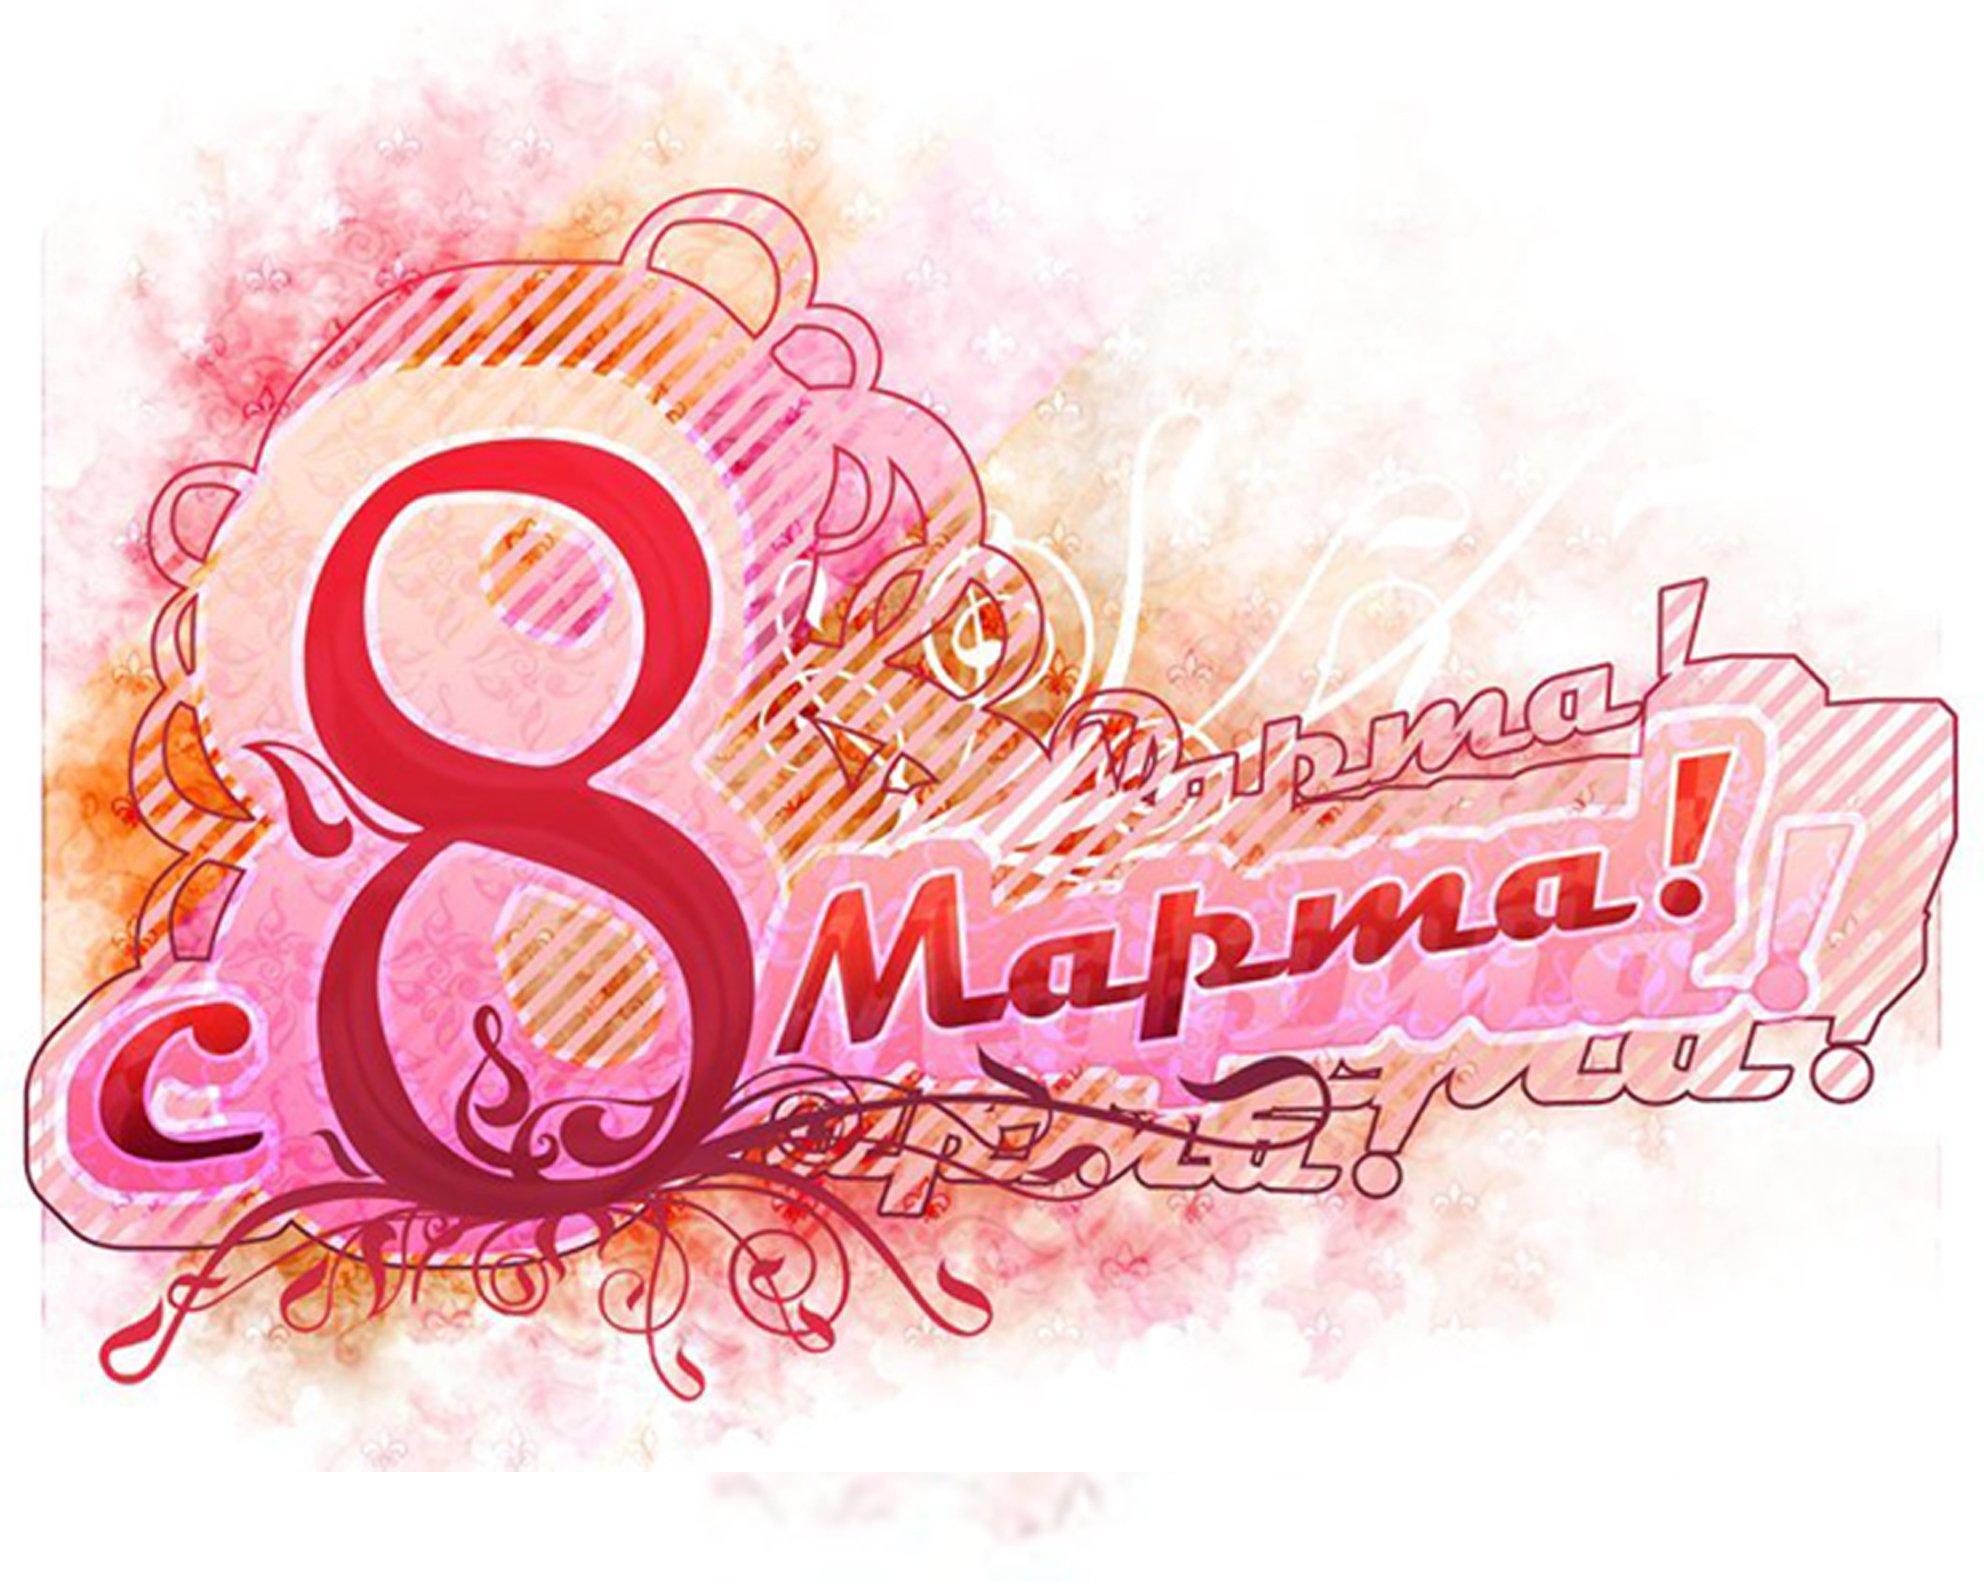 """8 марта в международный женский день, я подвожу итоги конкурса стихотворений """"Почему я люблю Канобу""""   Обратимся к о ... - Изображение 1"""